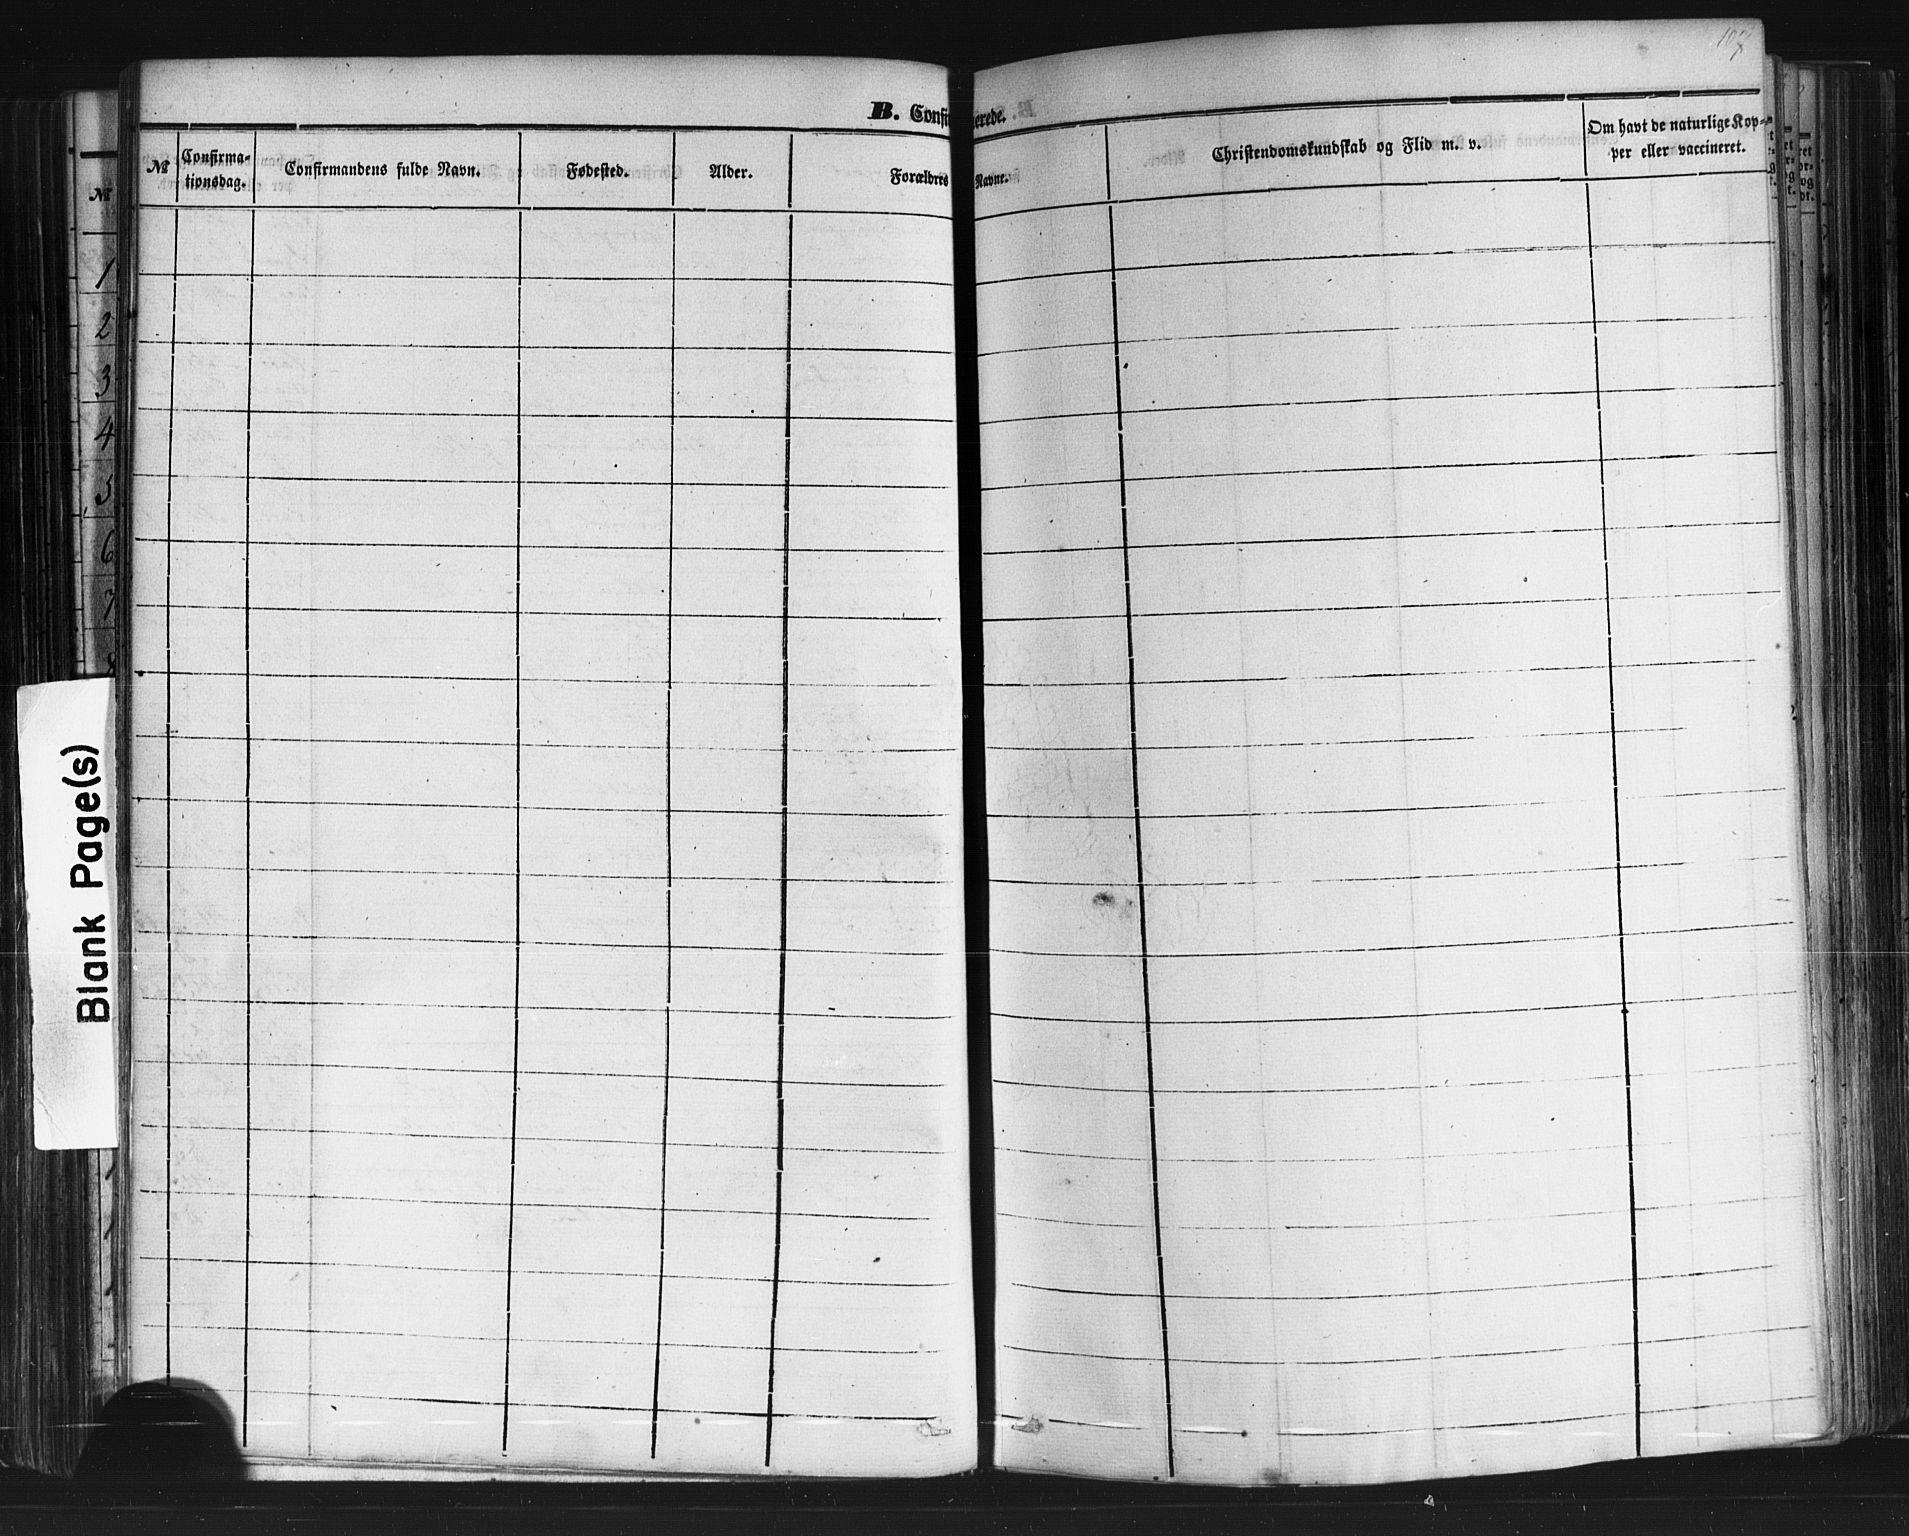 SAKO, Sauherad kirkebøker, F/Fb/L0001: Ministerialbok nr. II 1, 1851-1877, s. 107